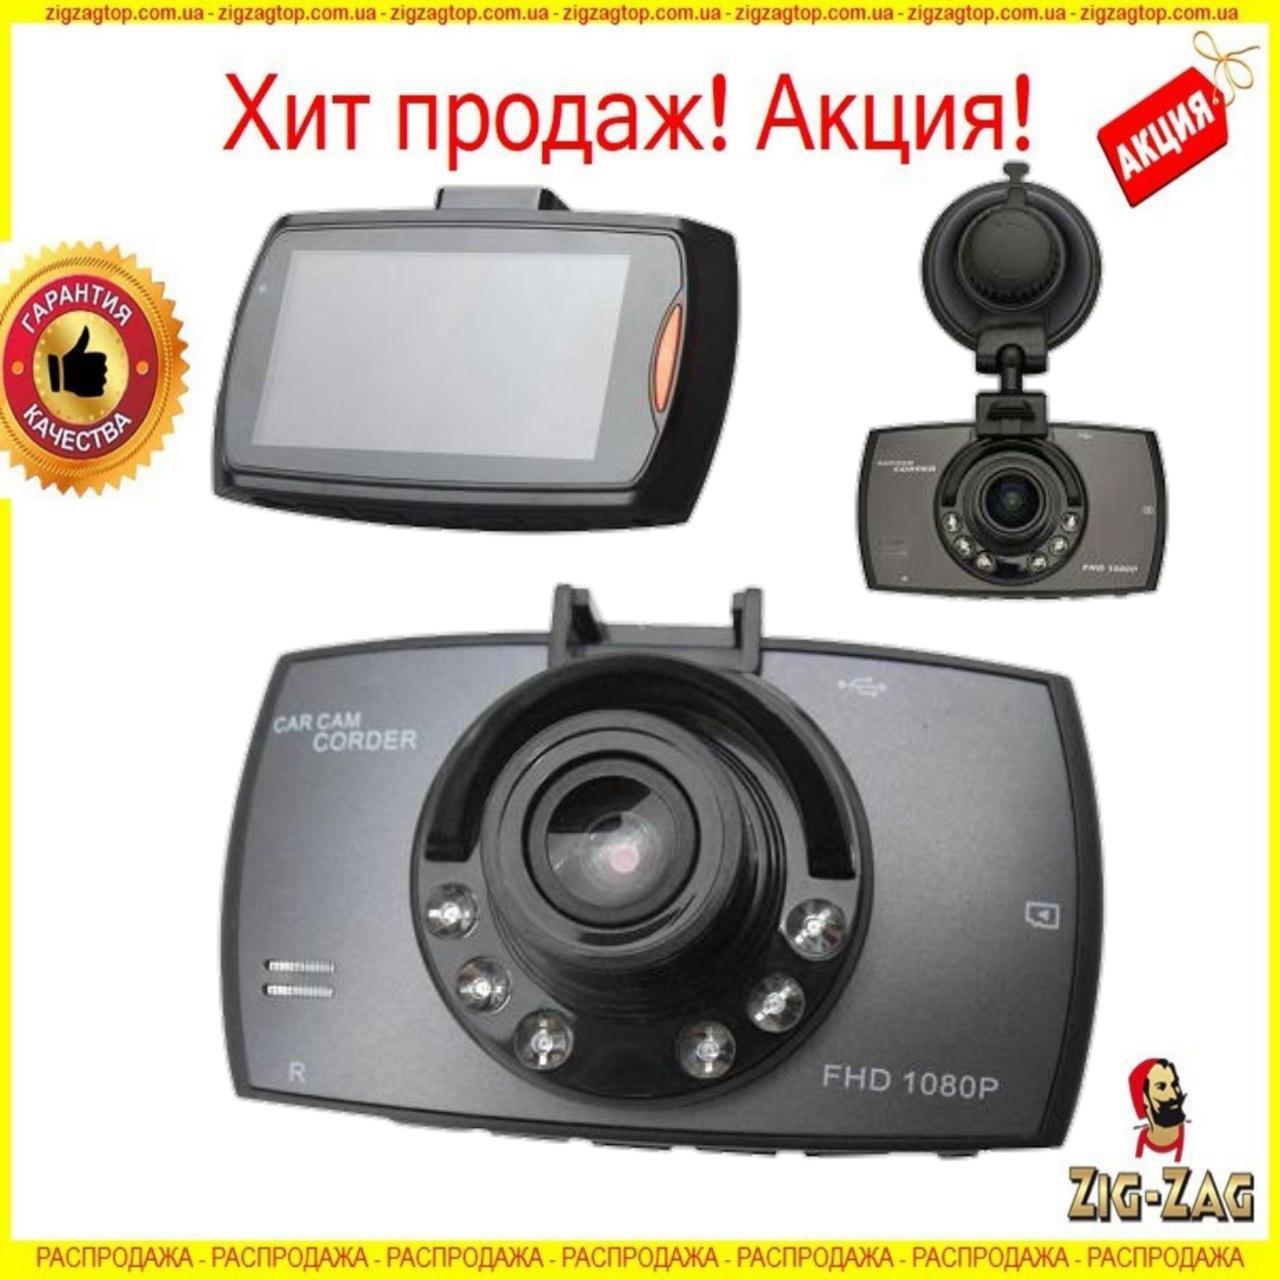 Видеорегистратор BlackBOX DVR G30 качество 1080 Авторегистратор Full HD в Авто Регистратор машину В Салон